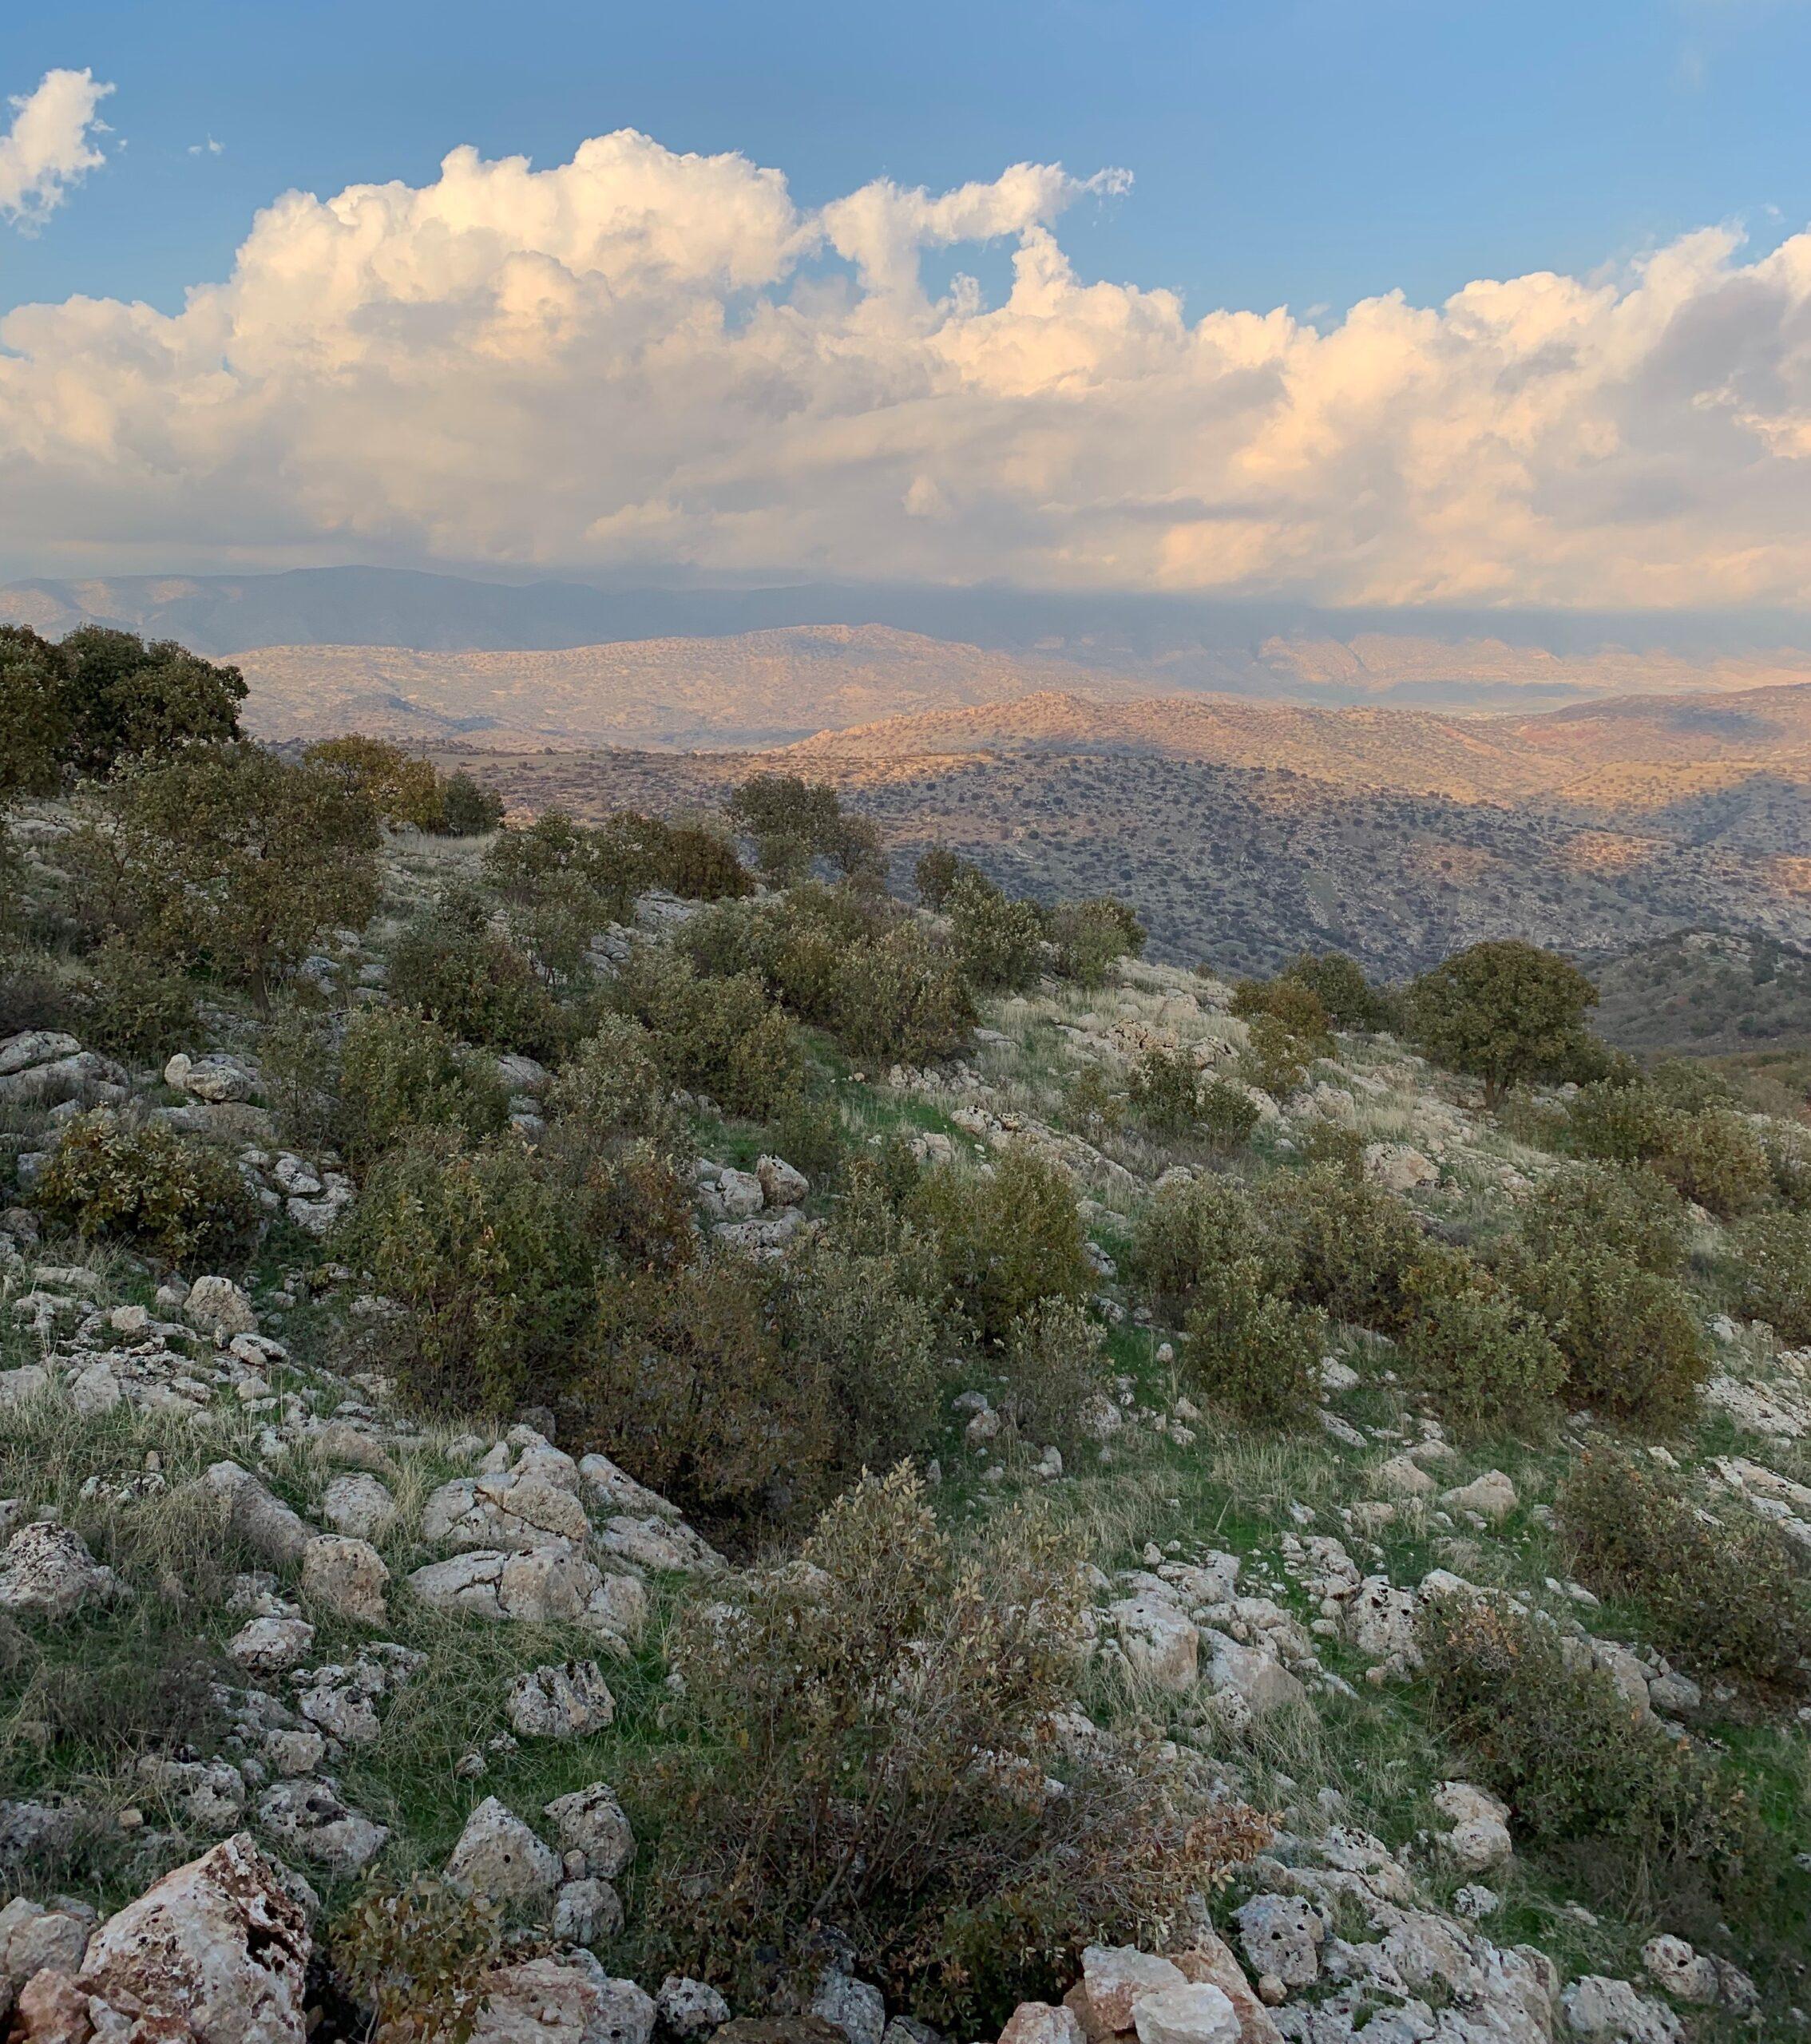 Shaikan Landscape